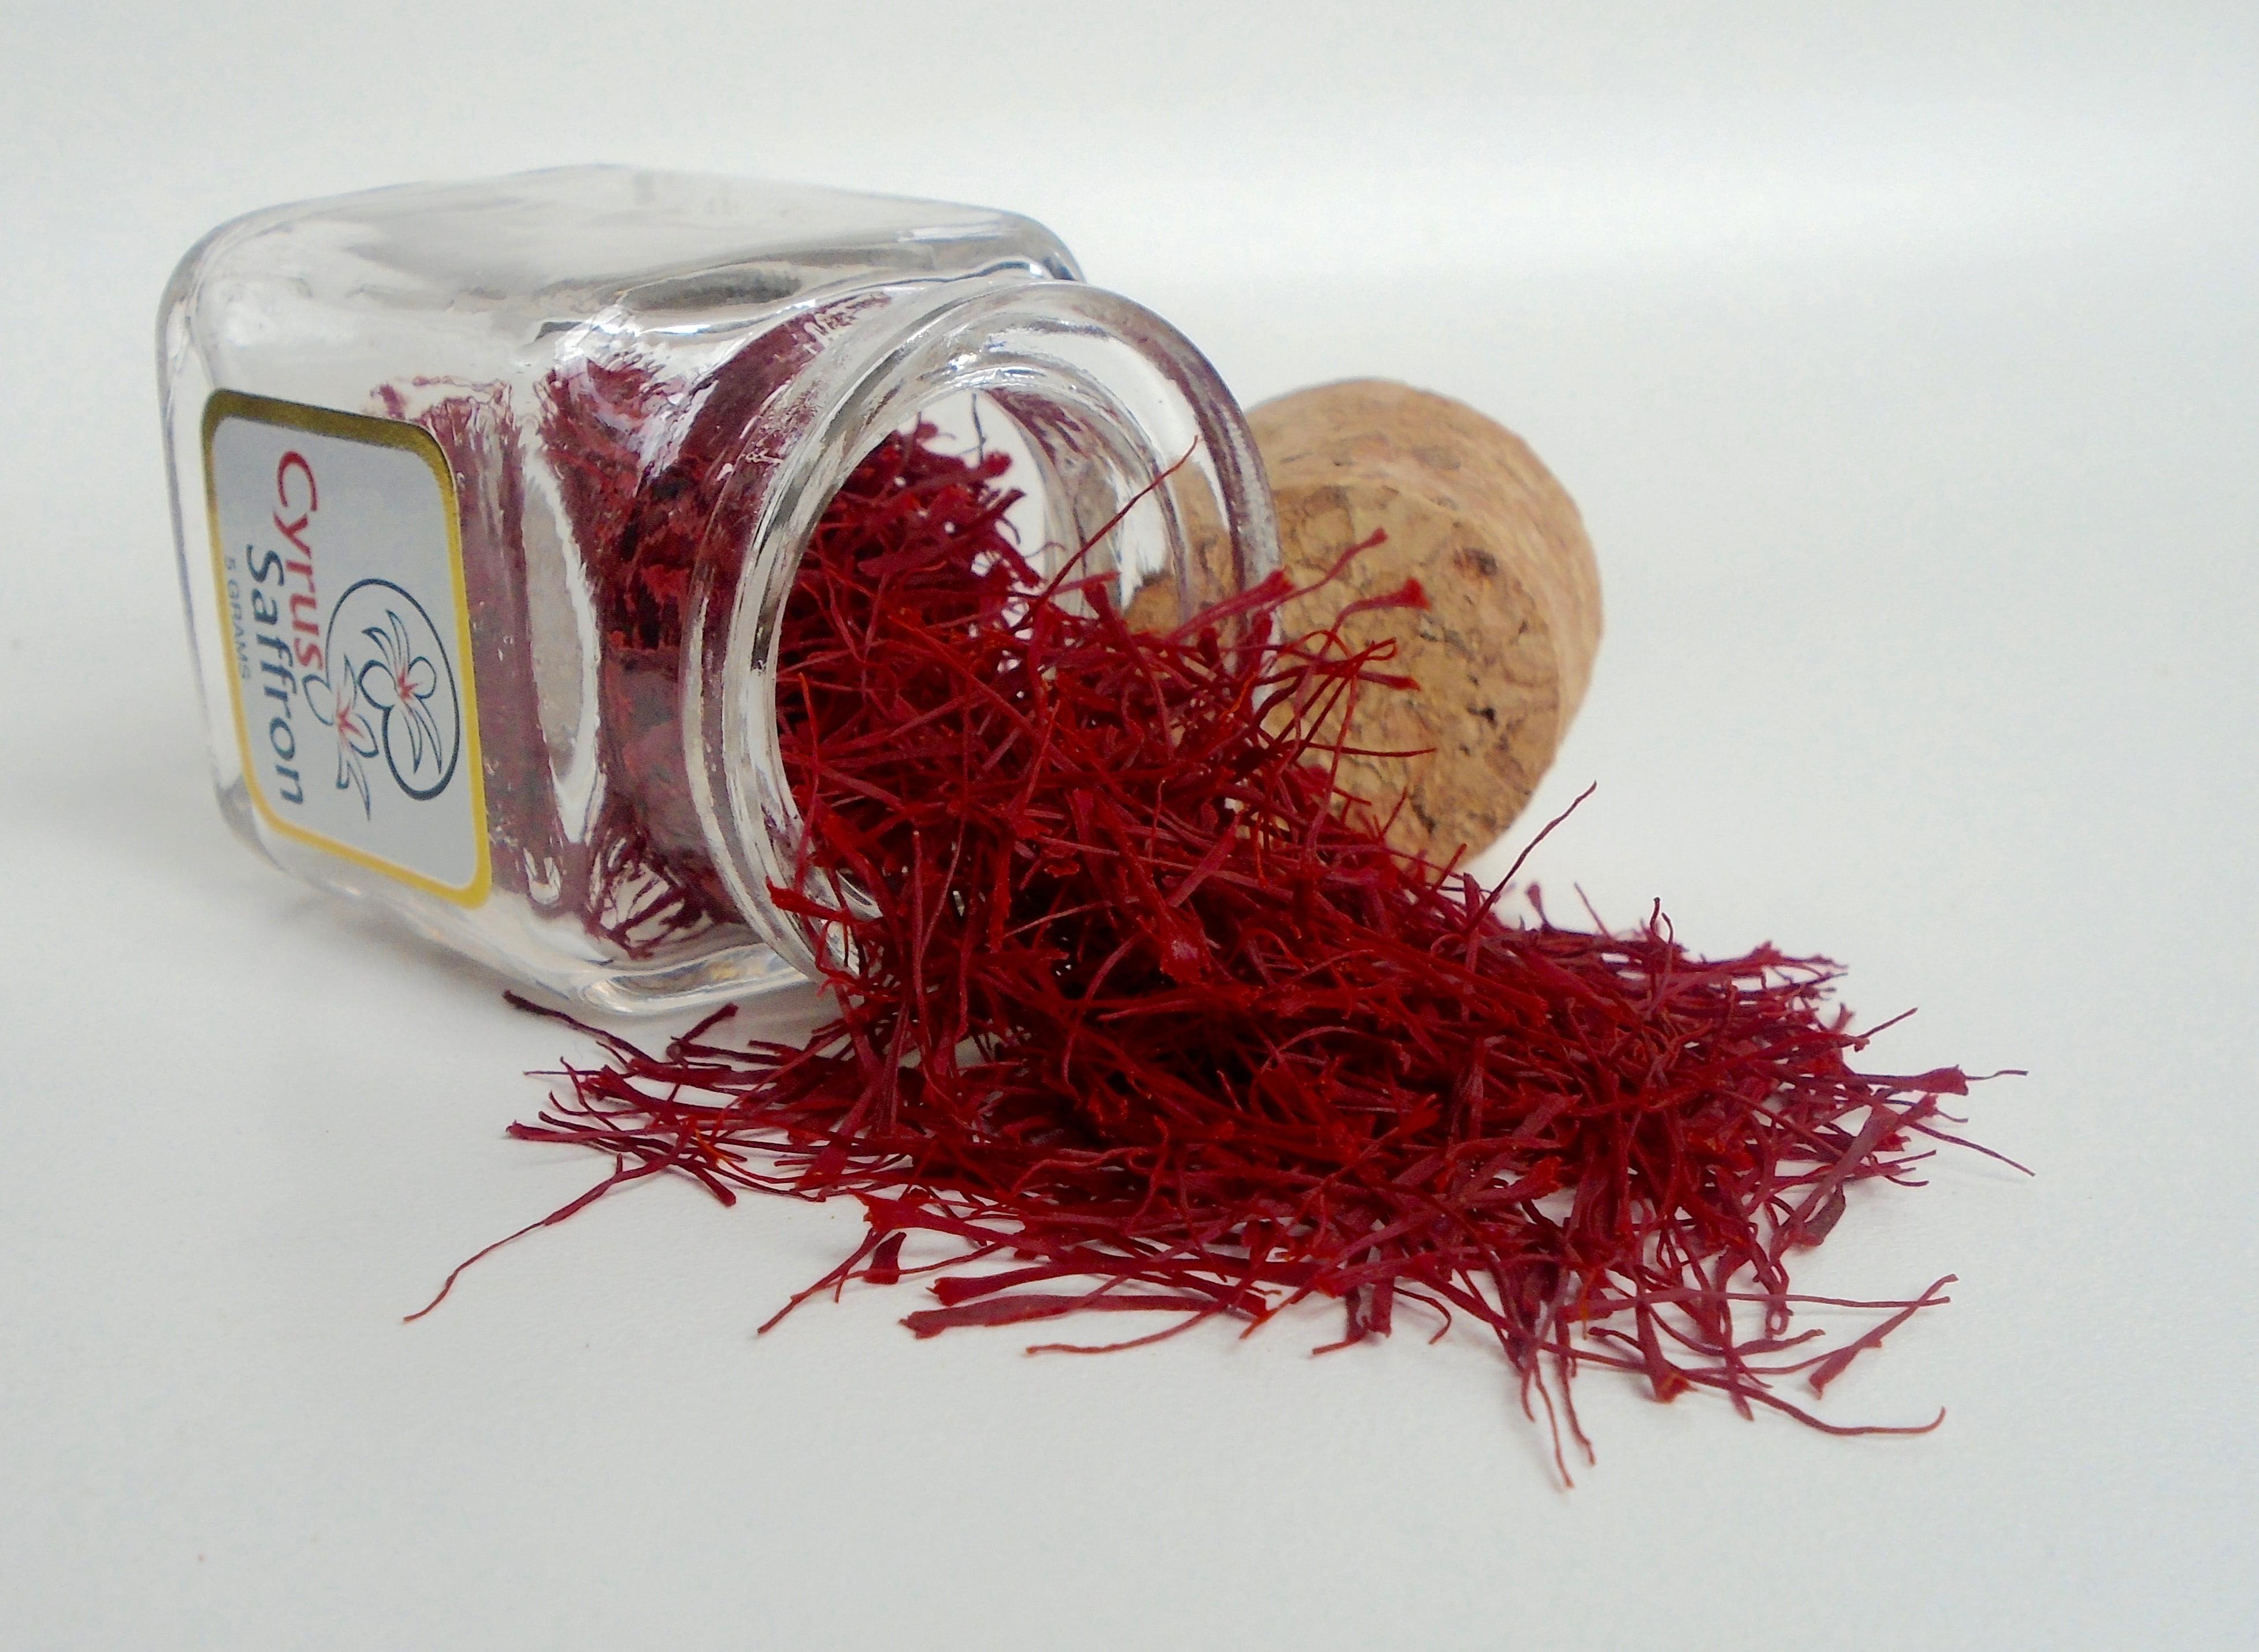 Cyrus Saffron,100% Pure Premium Quality Stigmas Threads Only (2 Grams), non-GMO, [SUPER... by